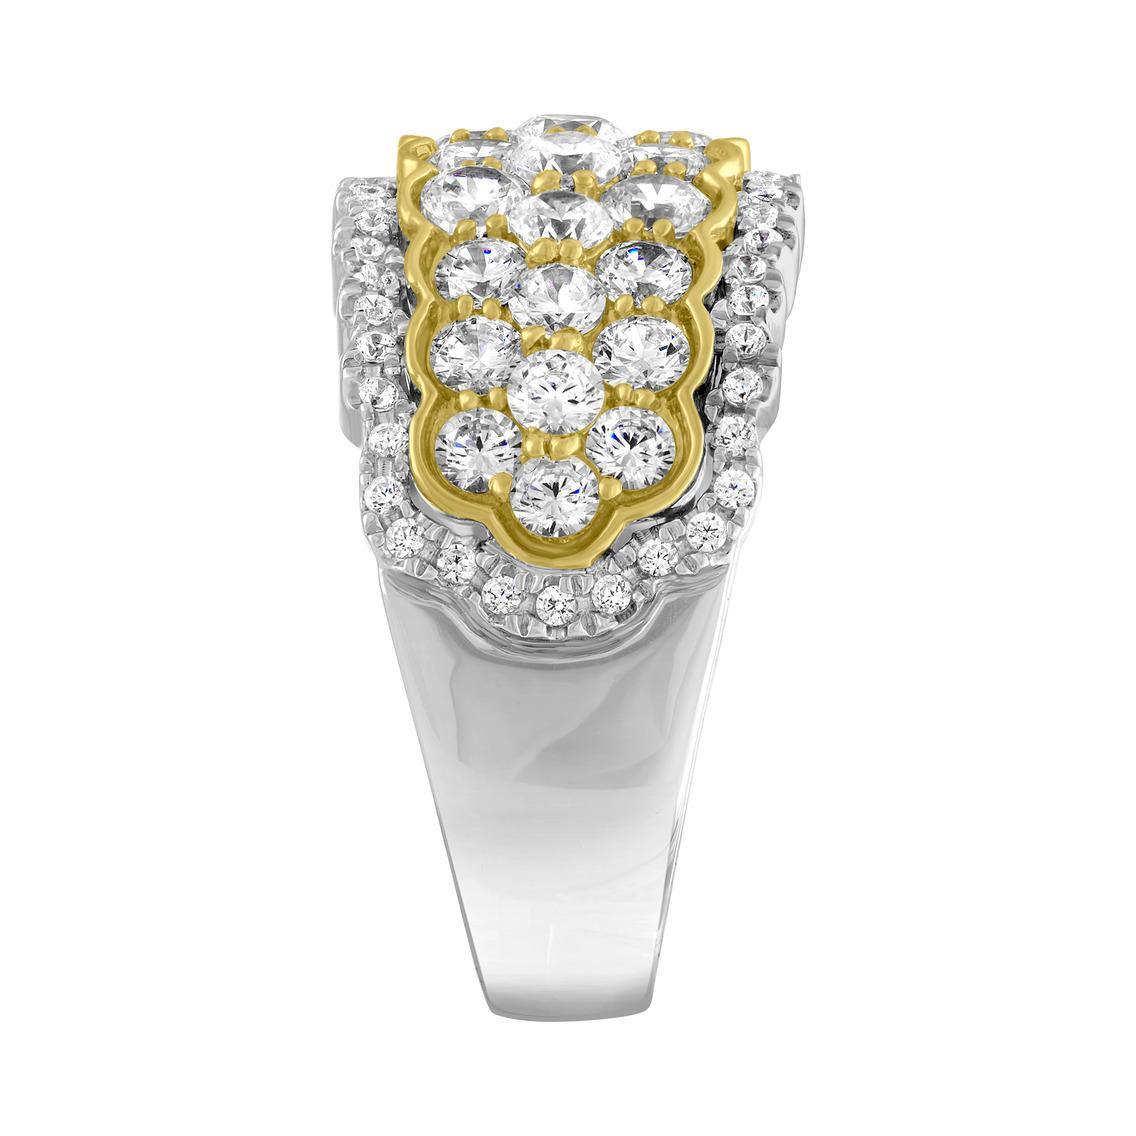 Indigo Jewelry Inc. - Jewelry / Photography